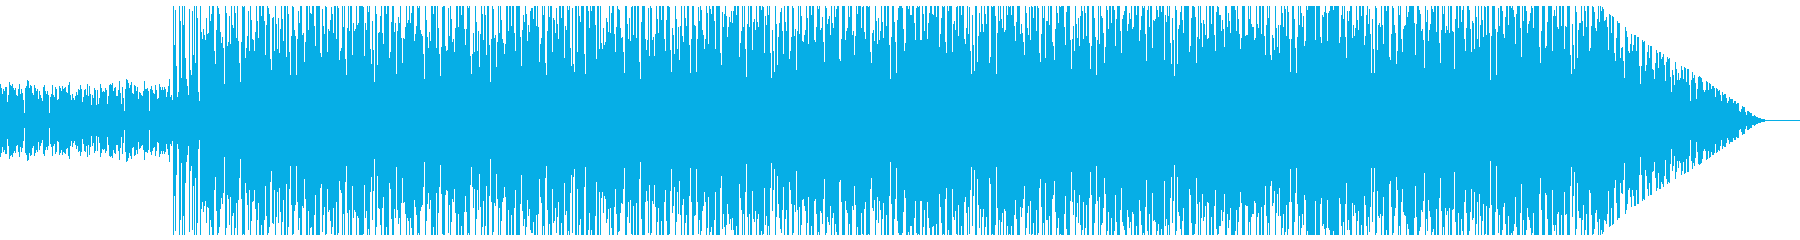 ギターのリフがクールなロック♪の再生済みの波形